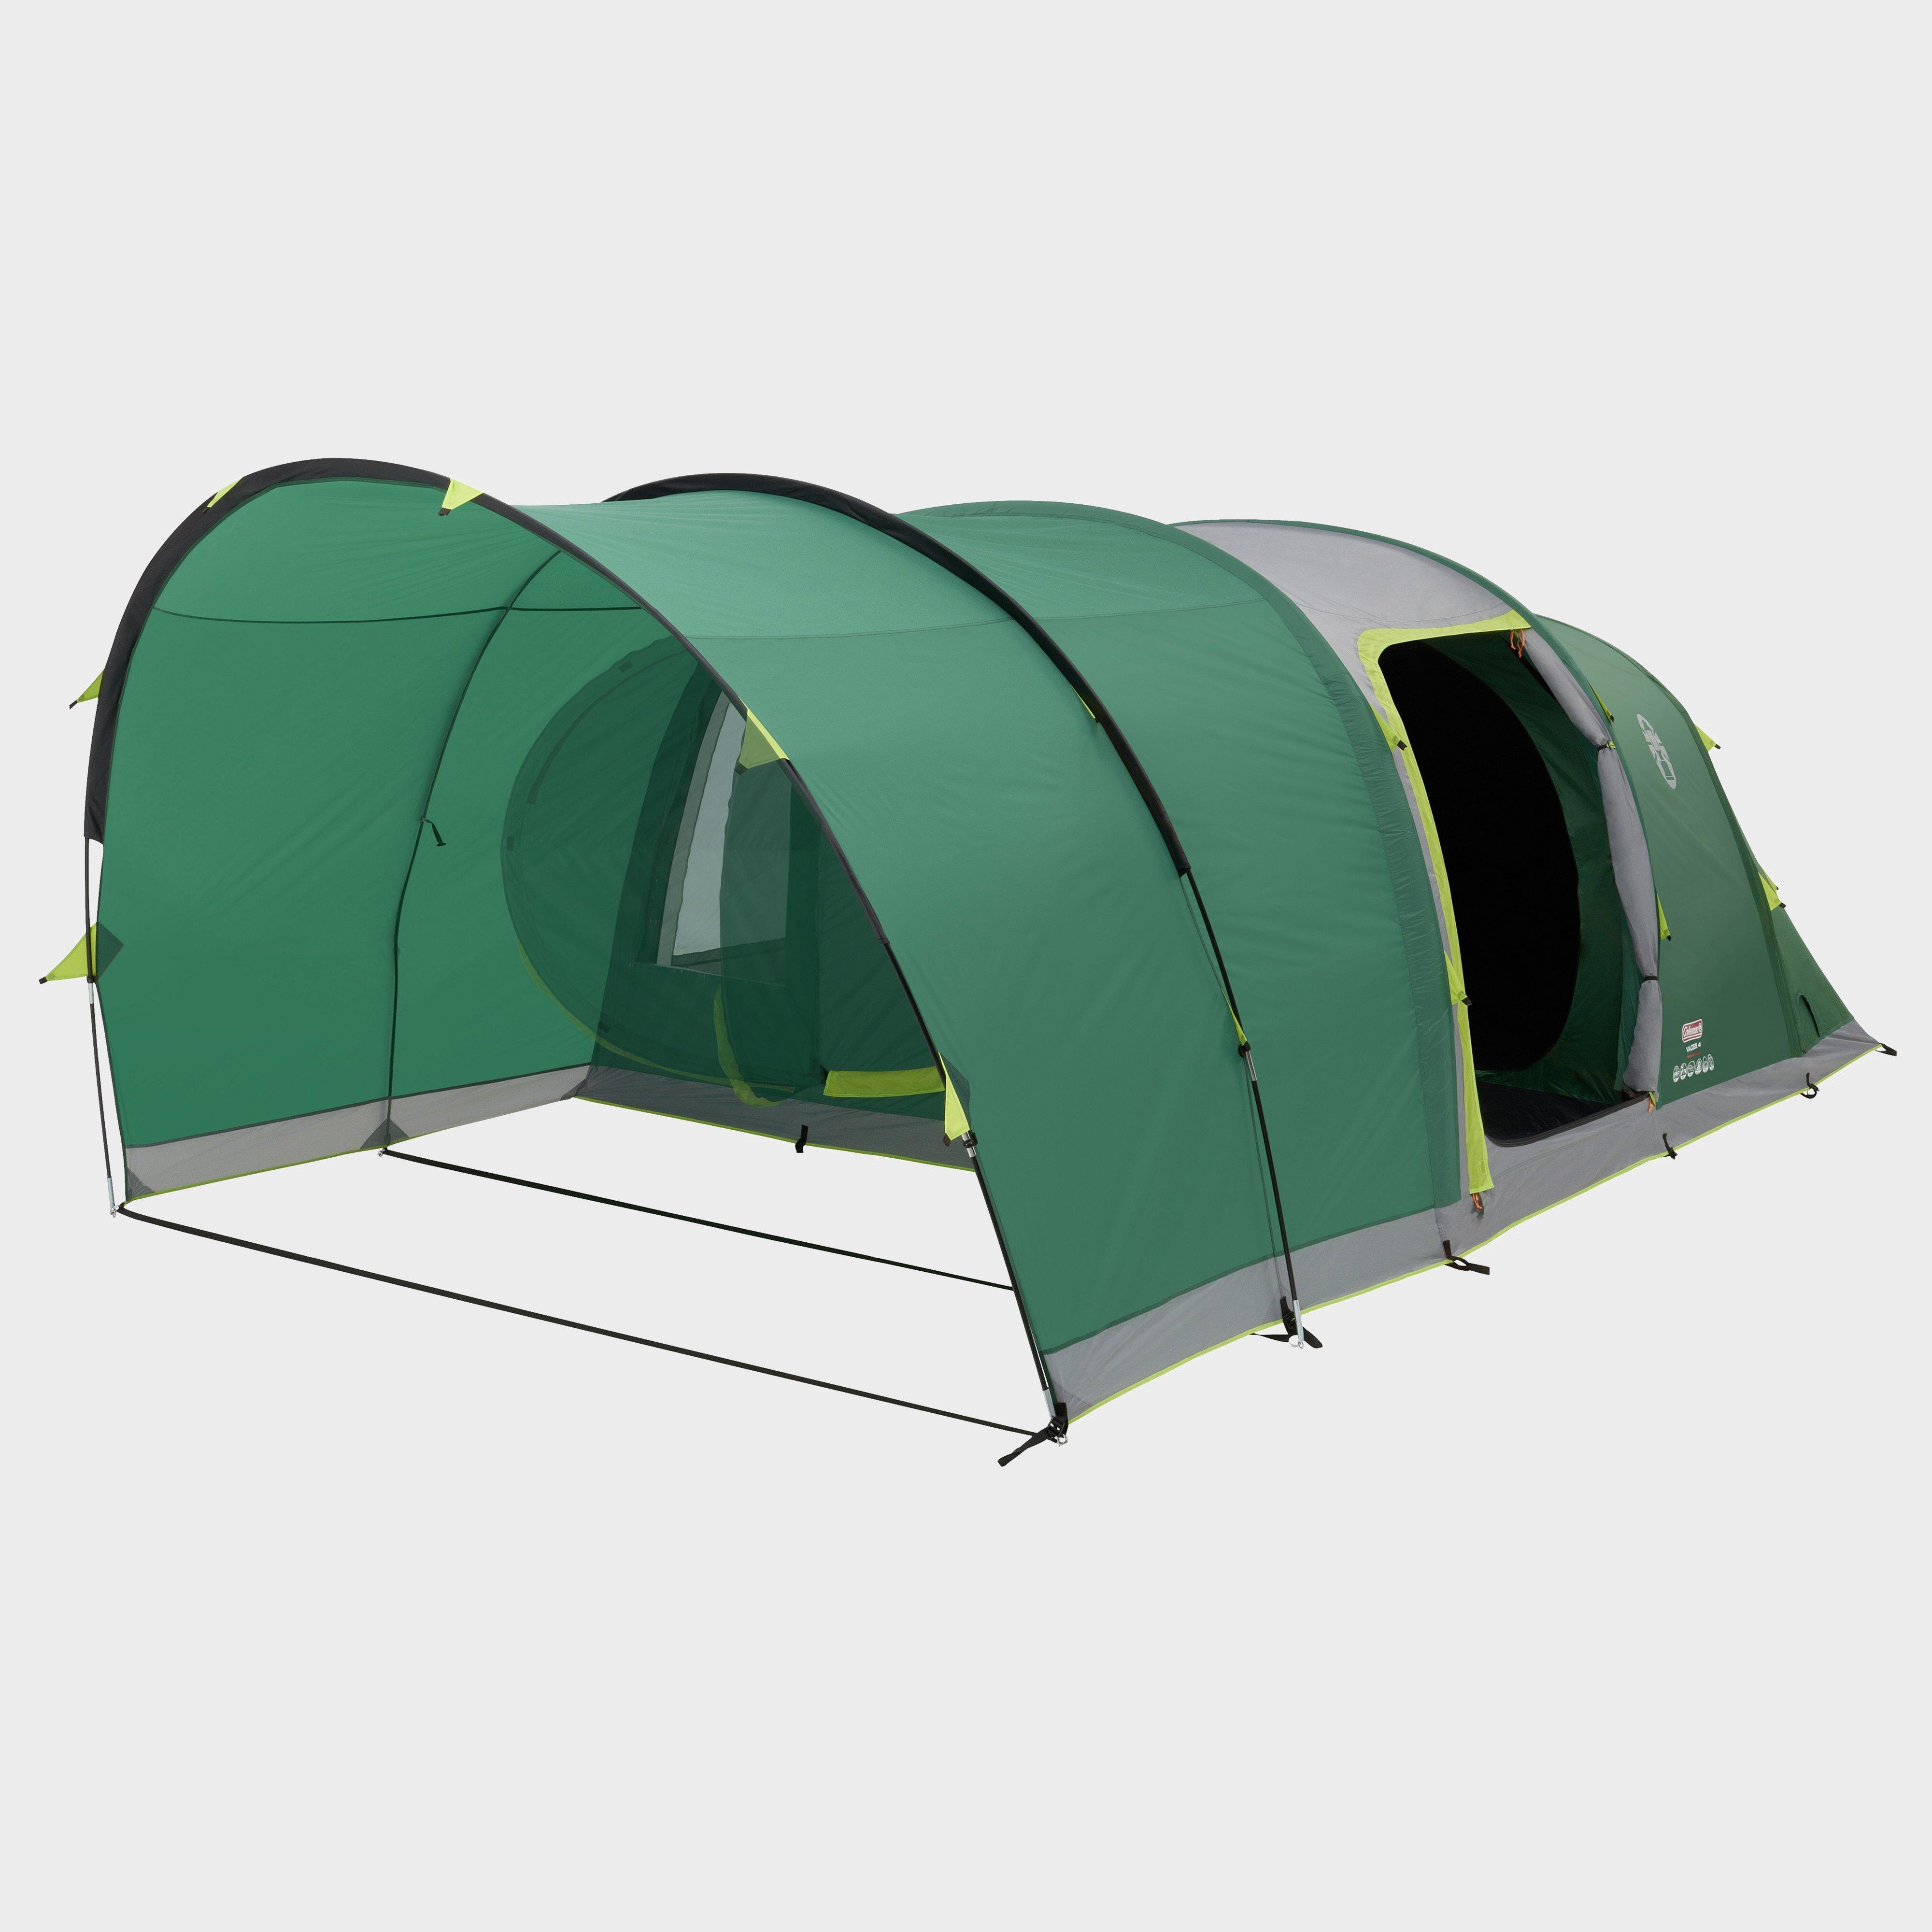 Coleman Coleman FastPitch Air Valdes 4 Tent - Green, Green